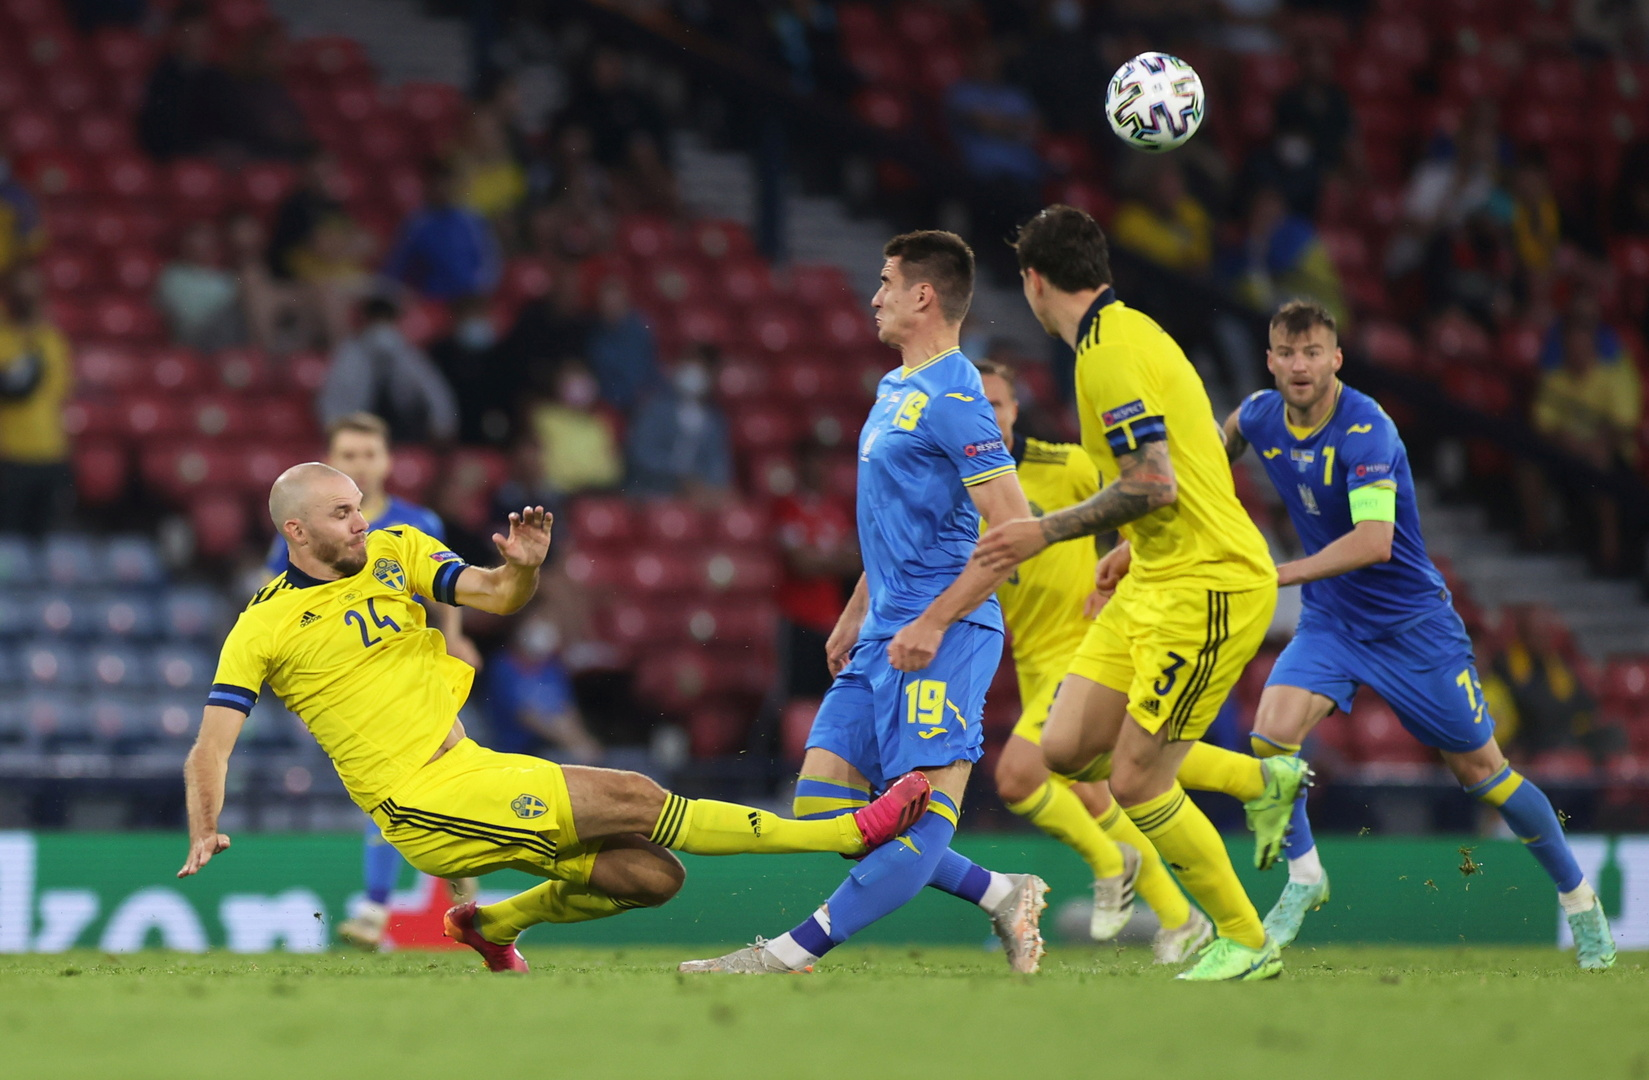 مهاجم أوكرانيا يودع بطولة أوروبا بعد الالتحام العنيف في مواجهة السويد